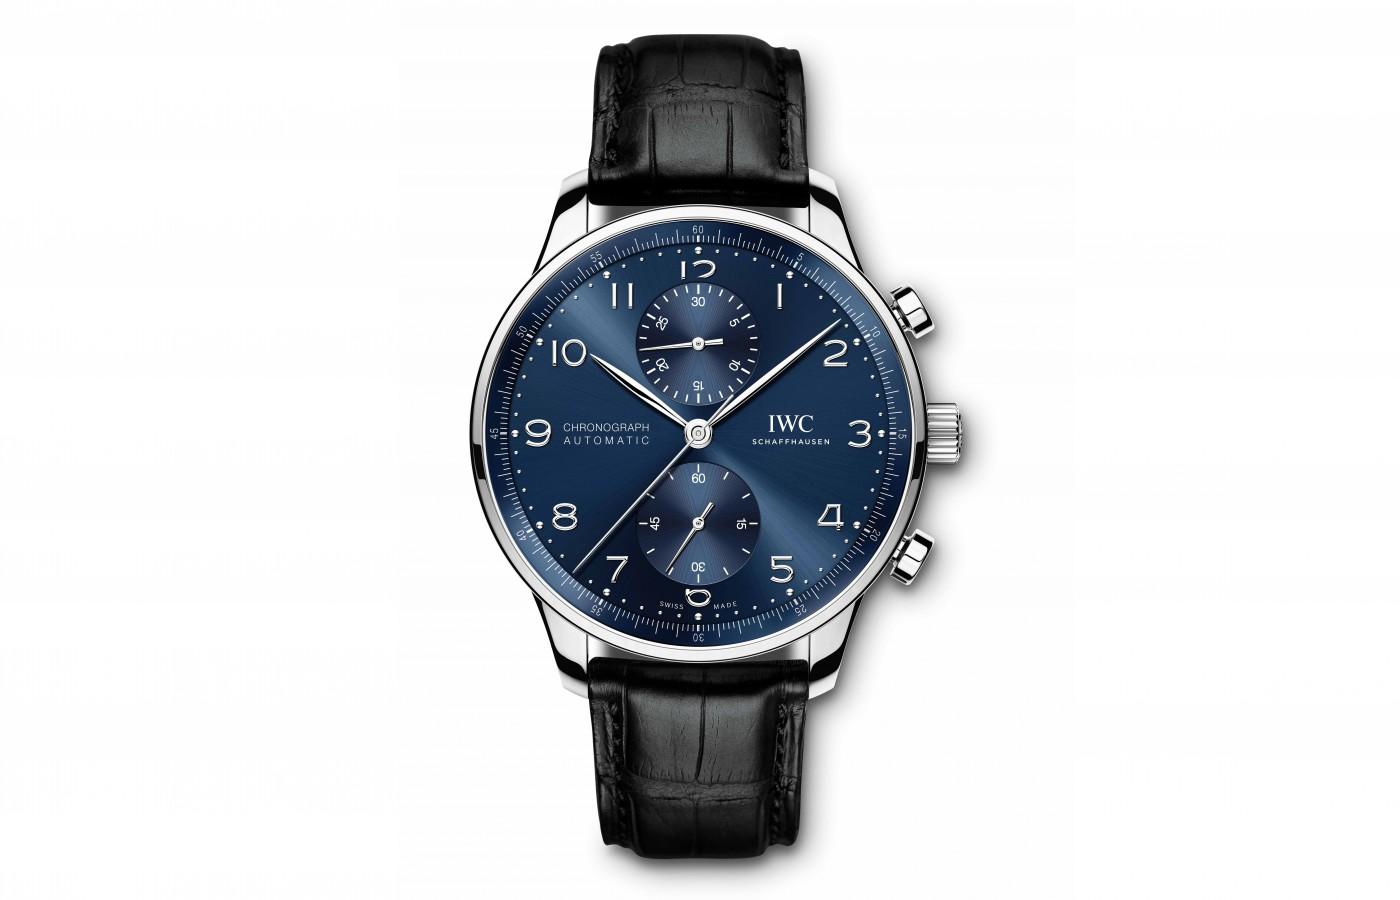 高仿復刻iwc萬國表腕表,高端一比一原單奢侈品圖片